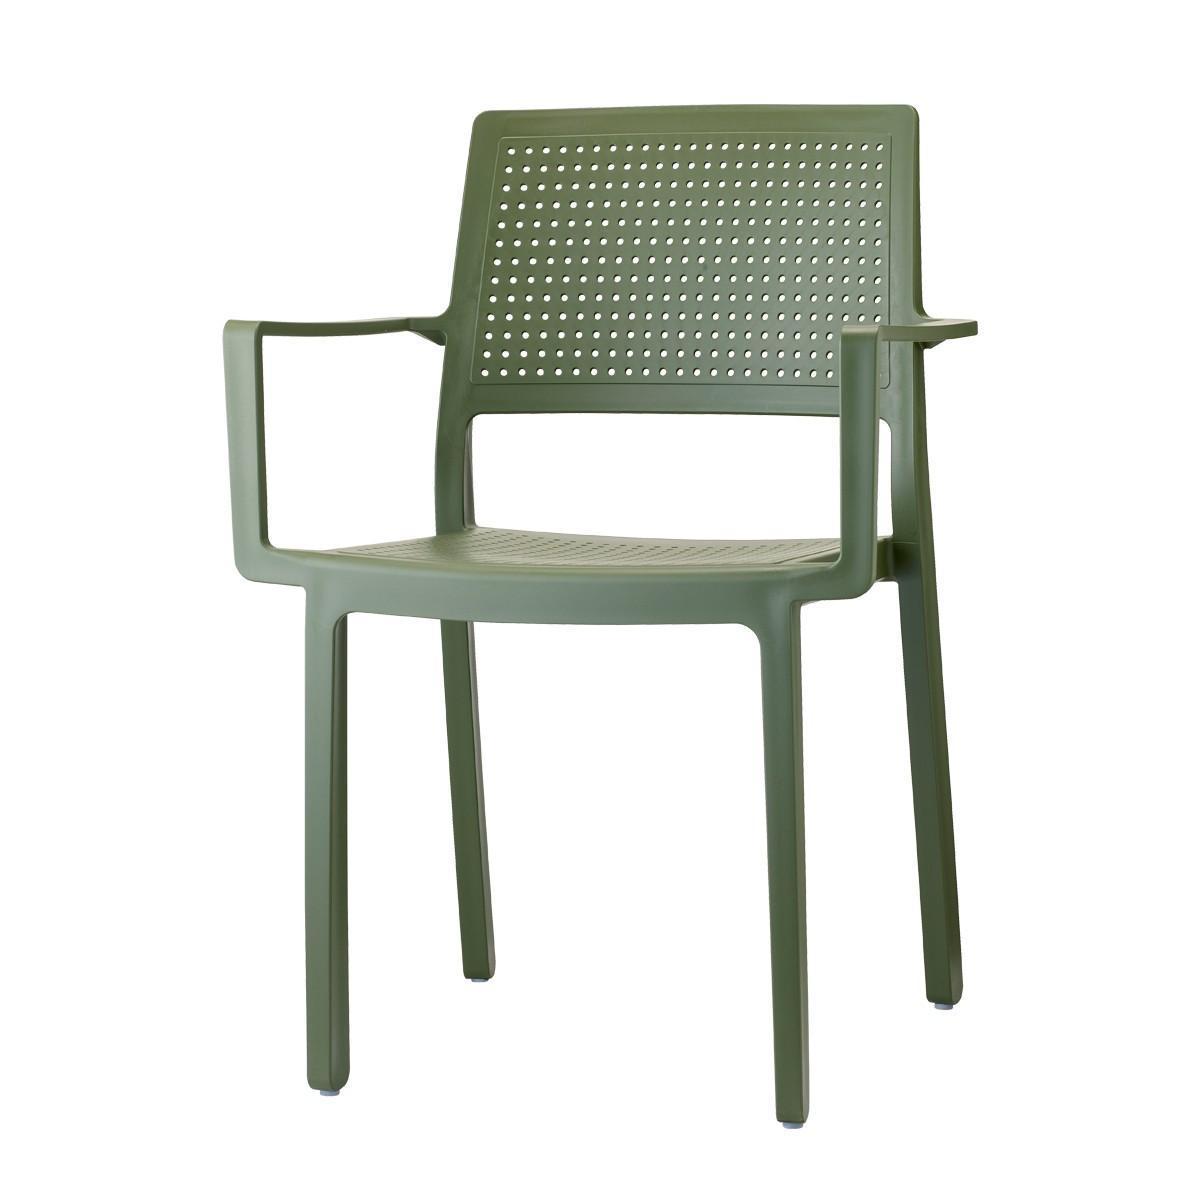 Кресло пластиковое Emi with armrests